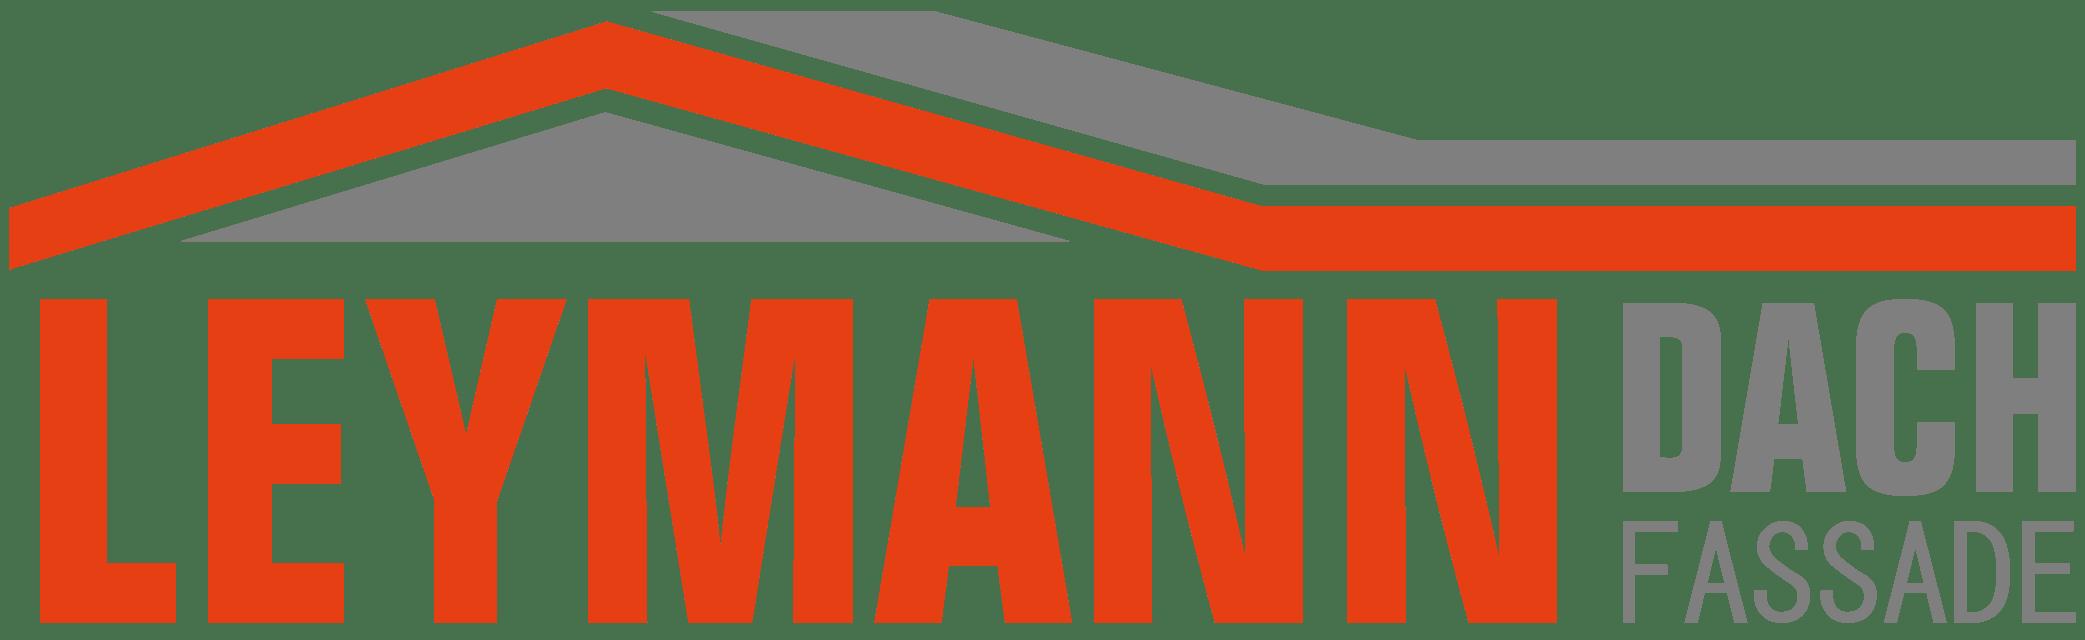 Leymann GmbH